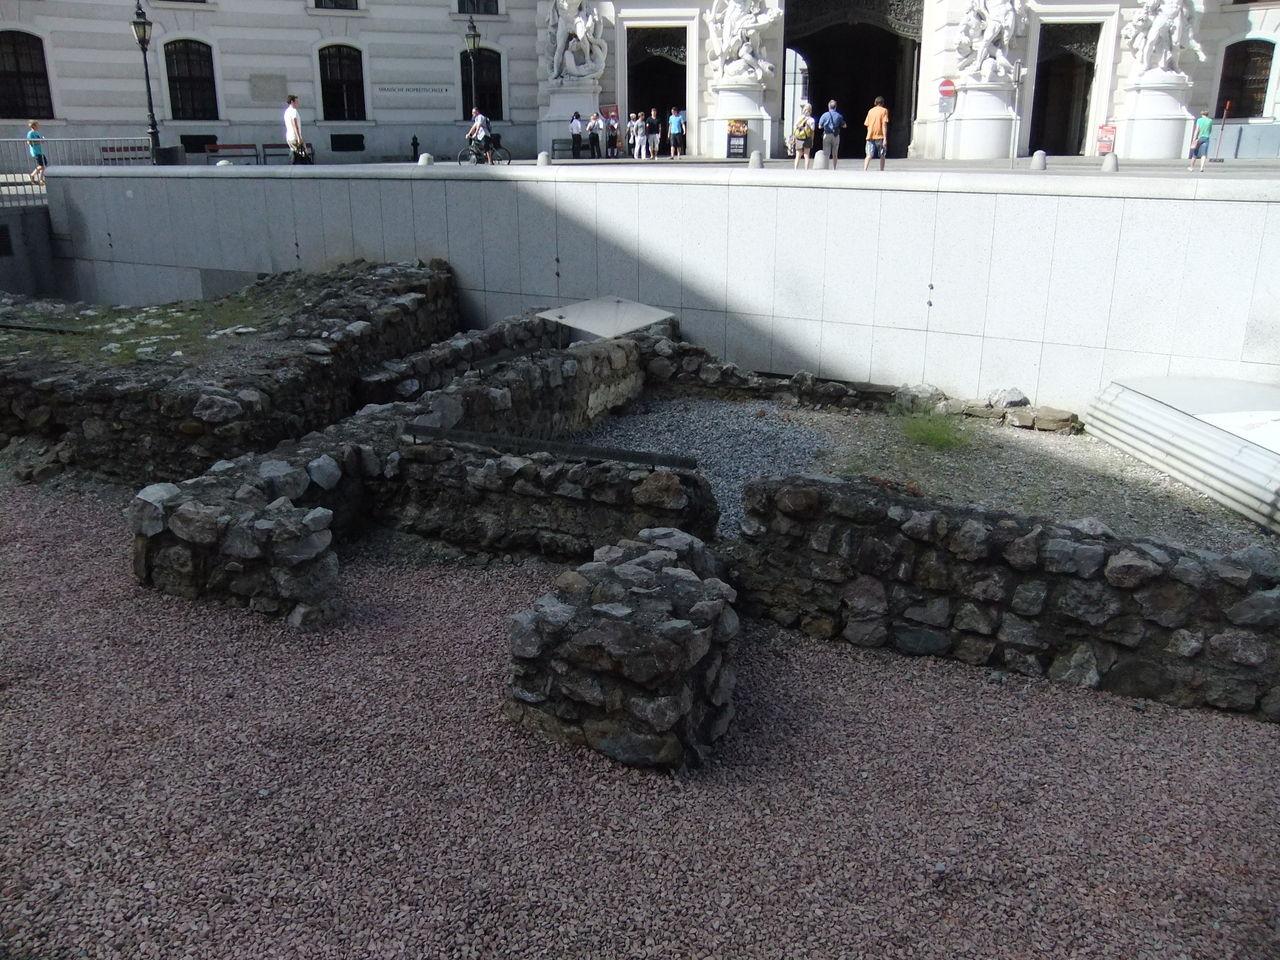 探訪記>ホーフブルク宮殿(ウィーン) : 世界史の旅 -探訪記と歴史 ...